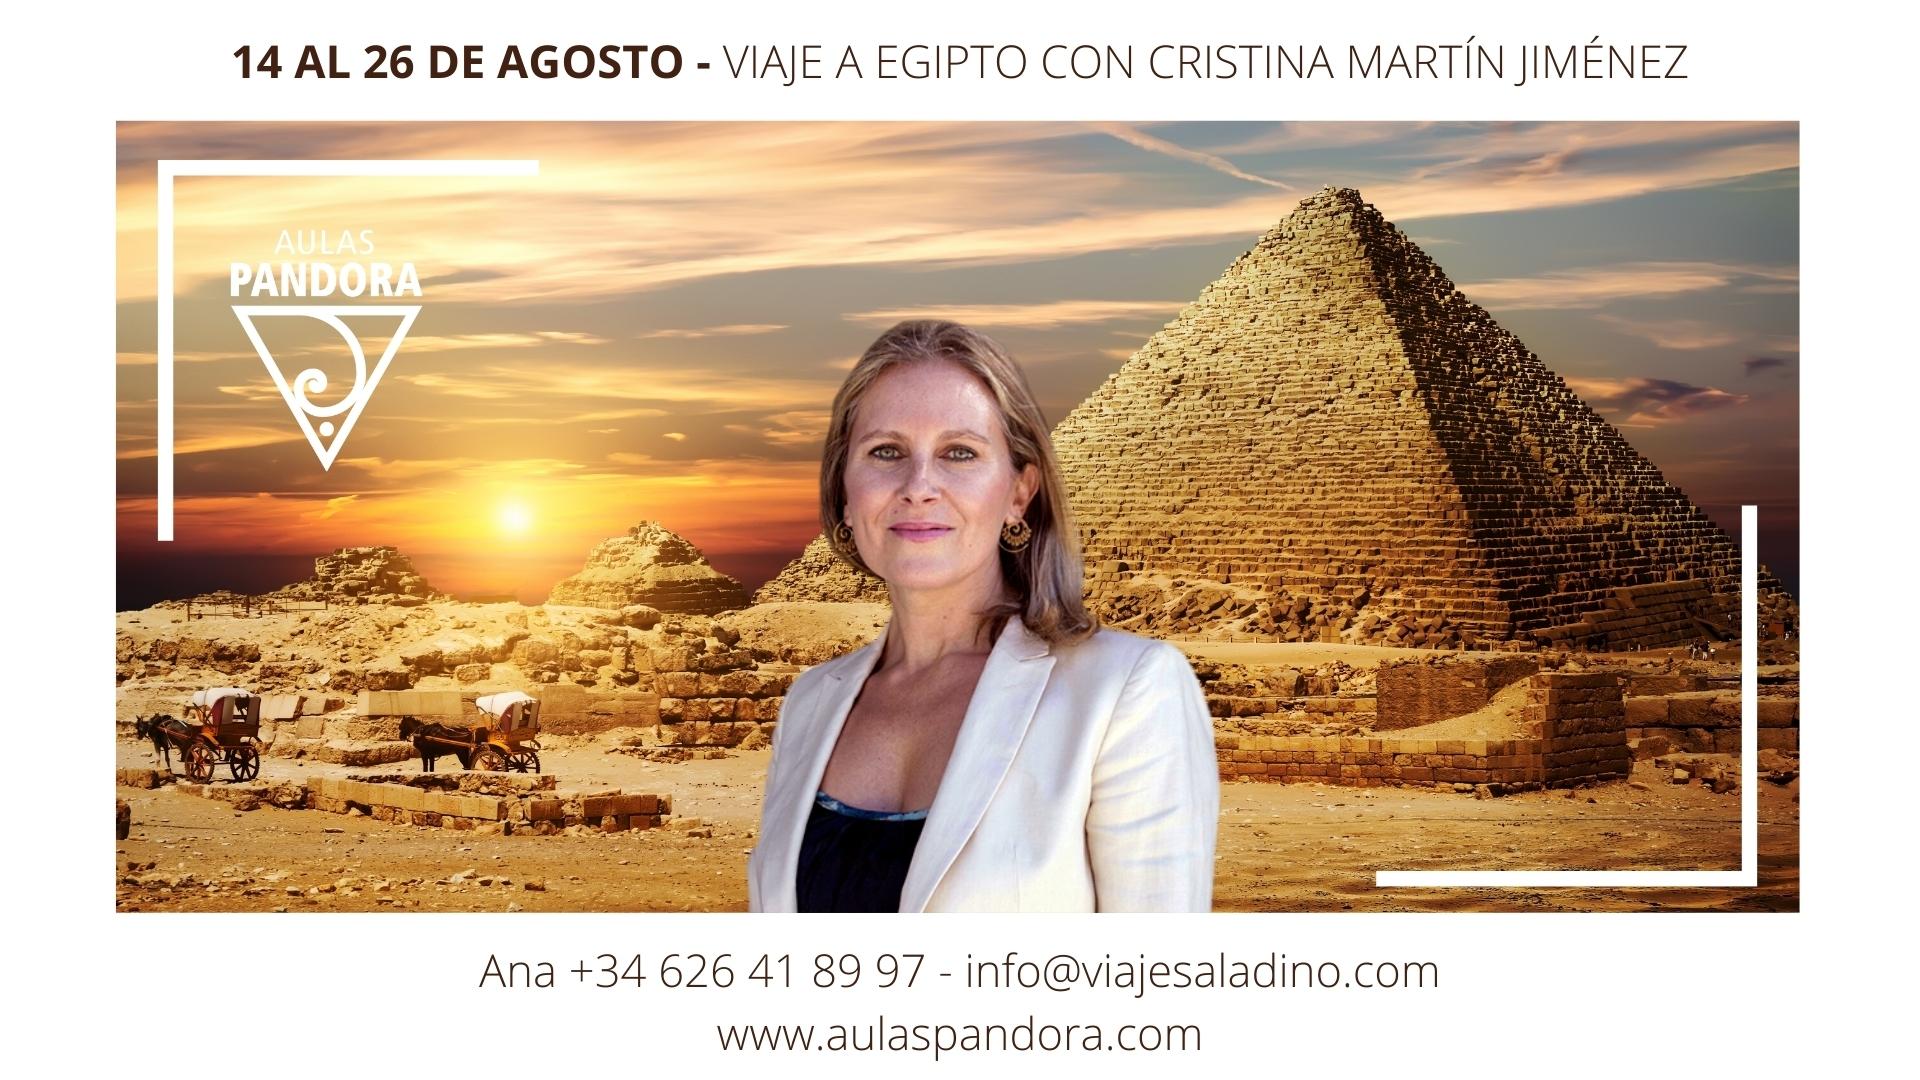 Viaje a Egipto 2021 - Cristina Martín